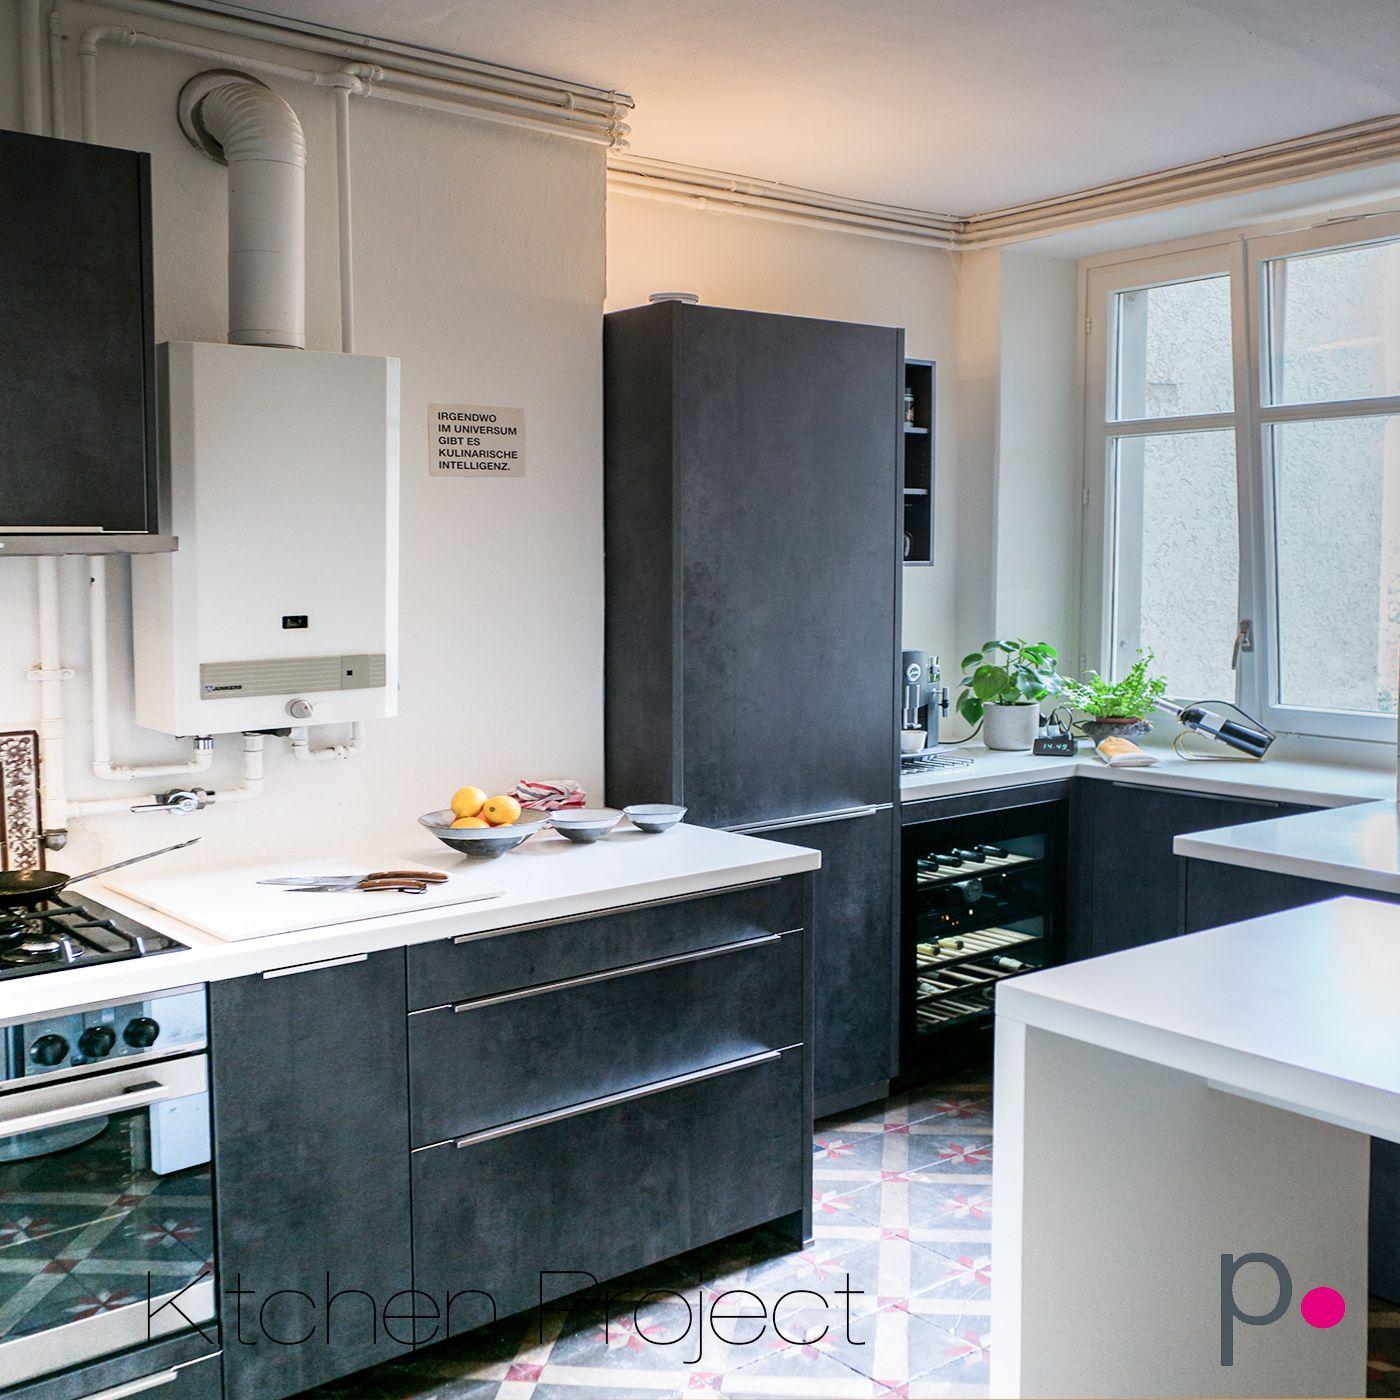 Fantastisch Wischen Küche Zu Speichern Brooklyn Bilder - Ideen Für ...